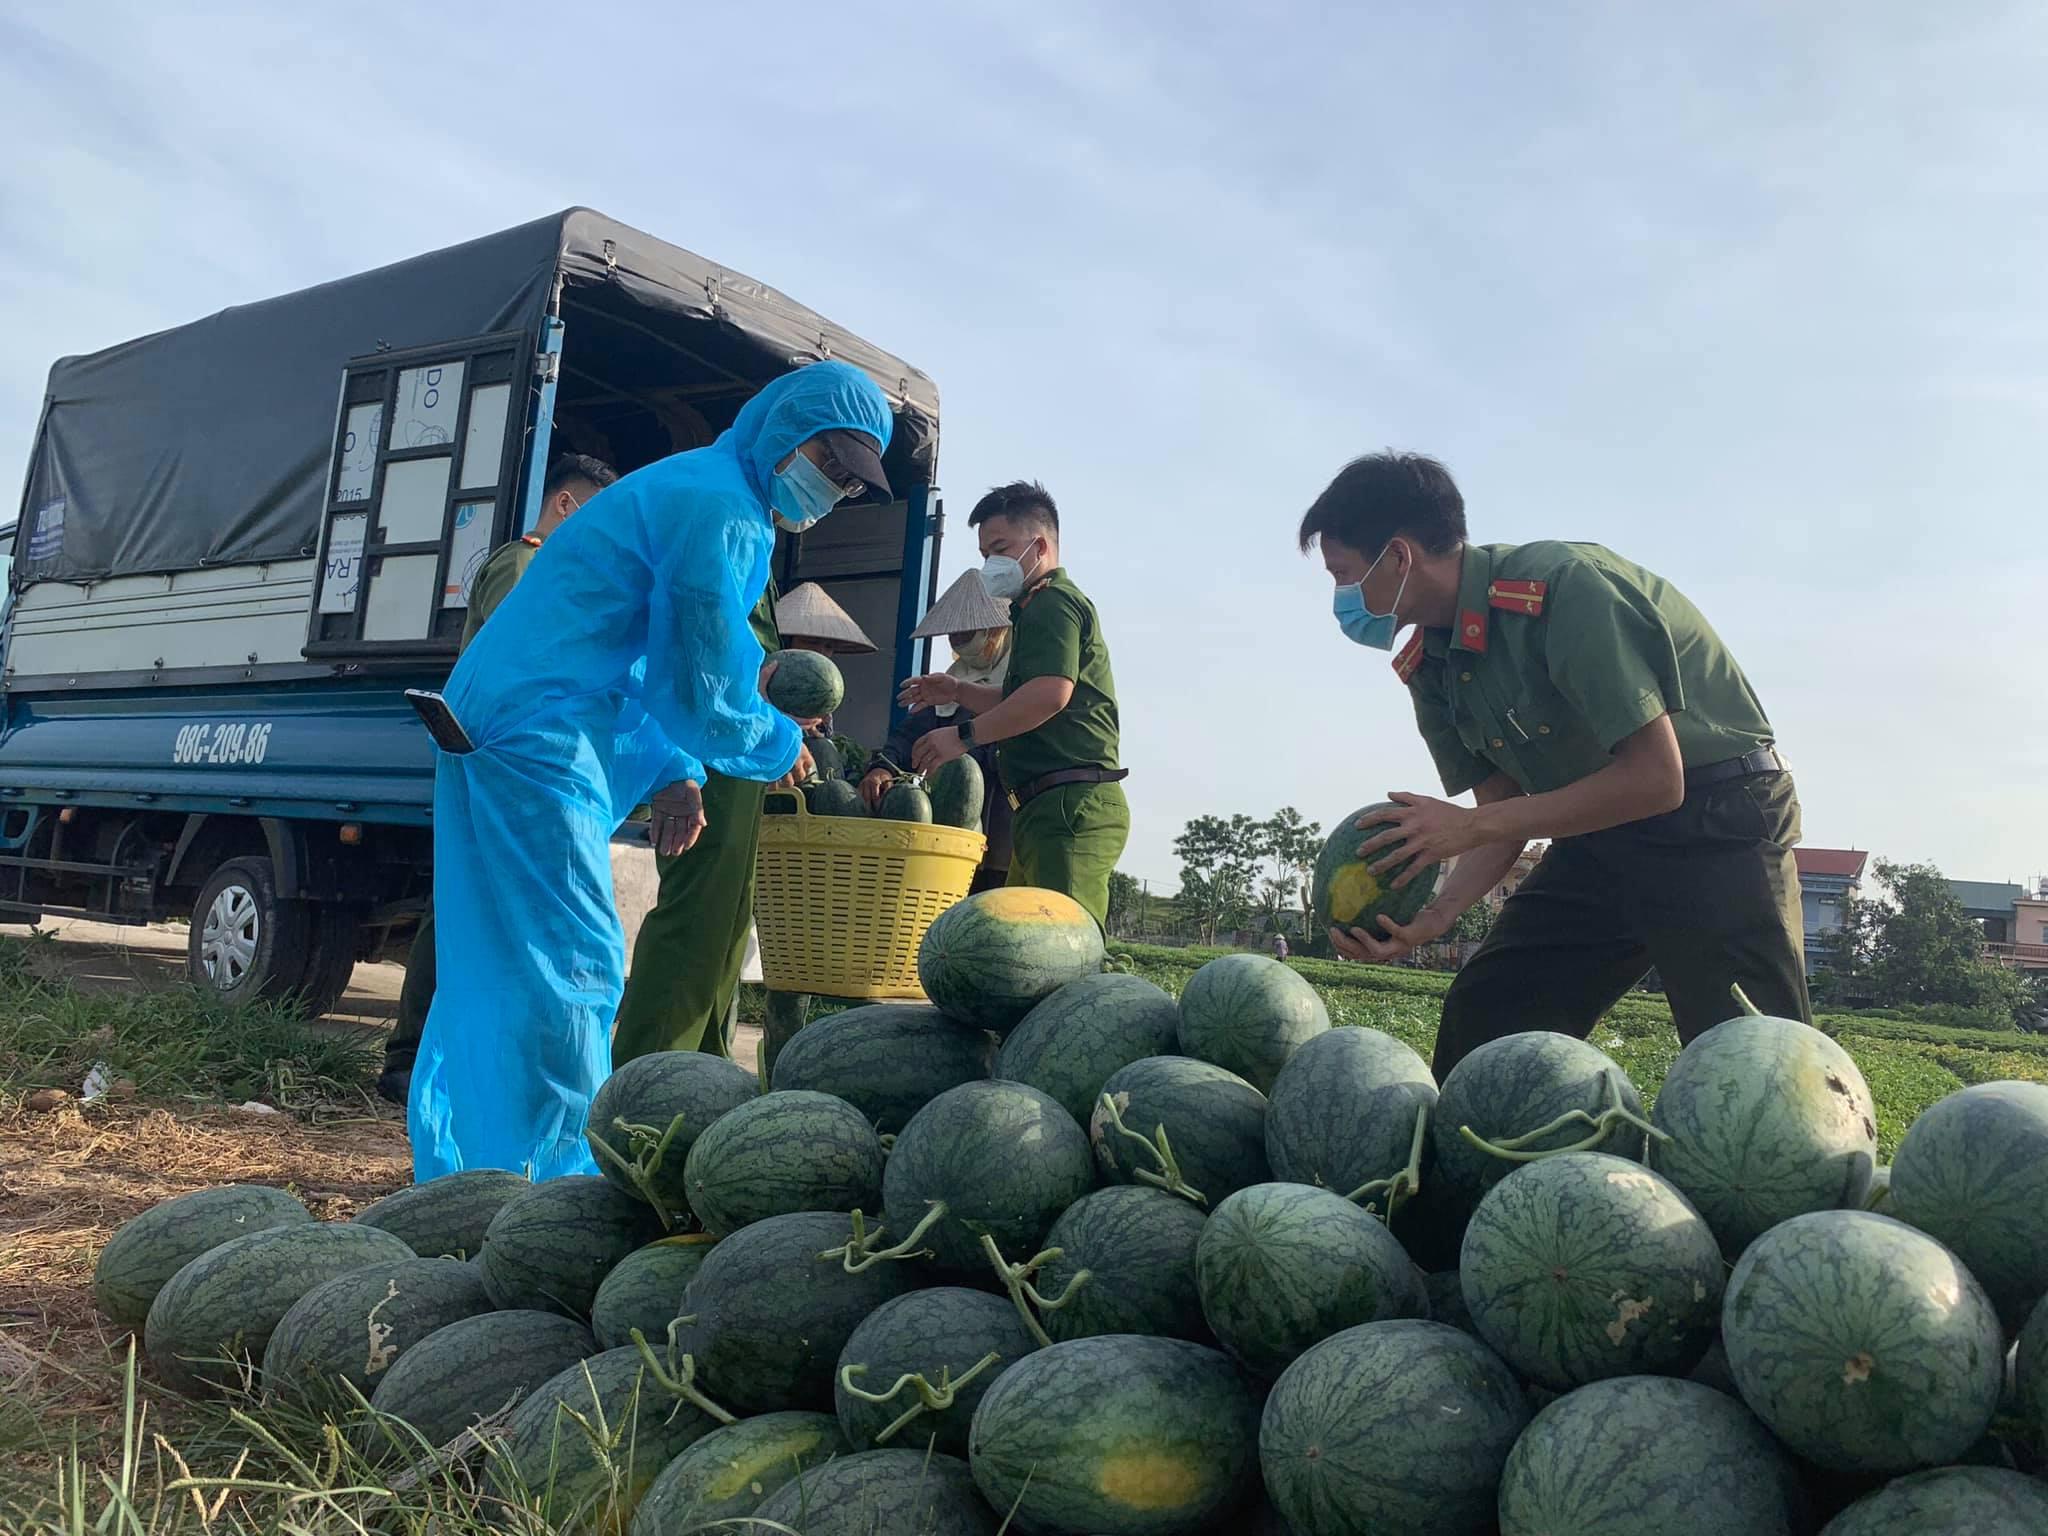 """Công an vùng """"tâm dịch"""" Bắc Giang ra đồng thu hoạch nông sản giúp nông dân - Ảnh 2."""